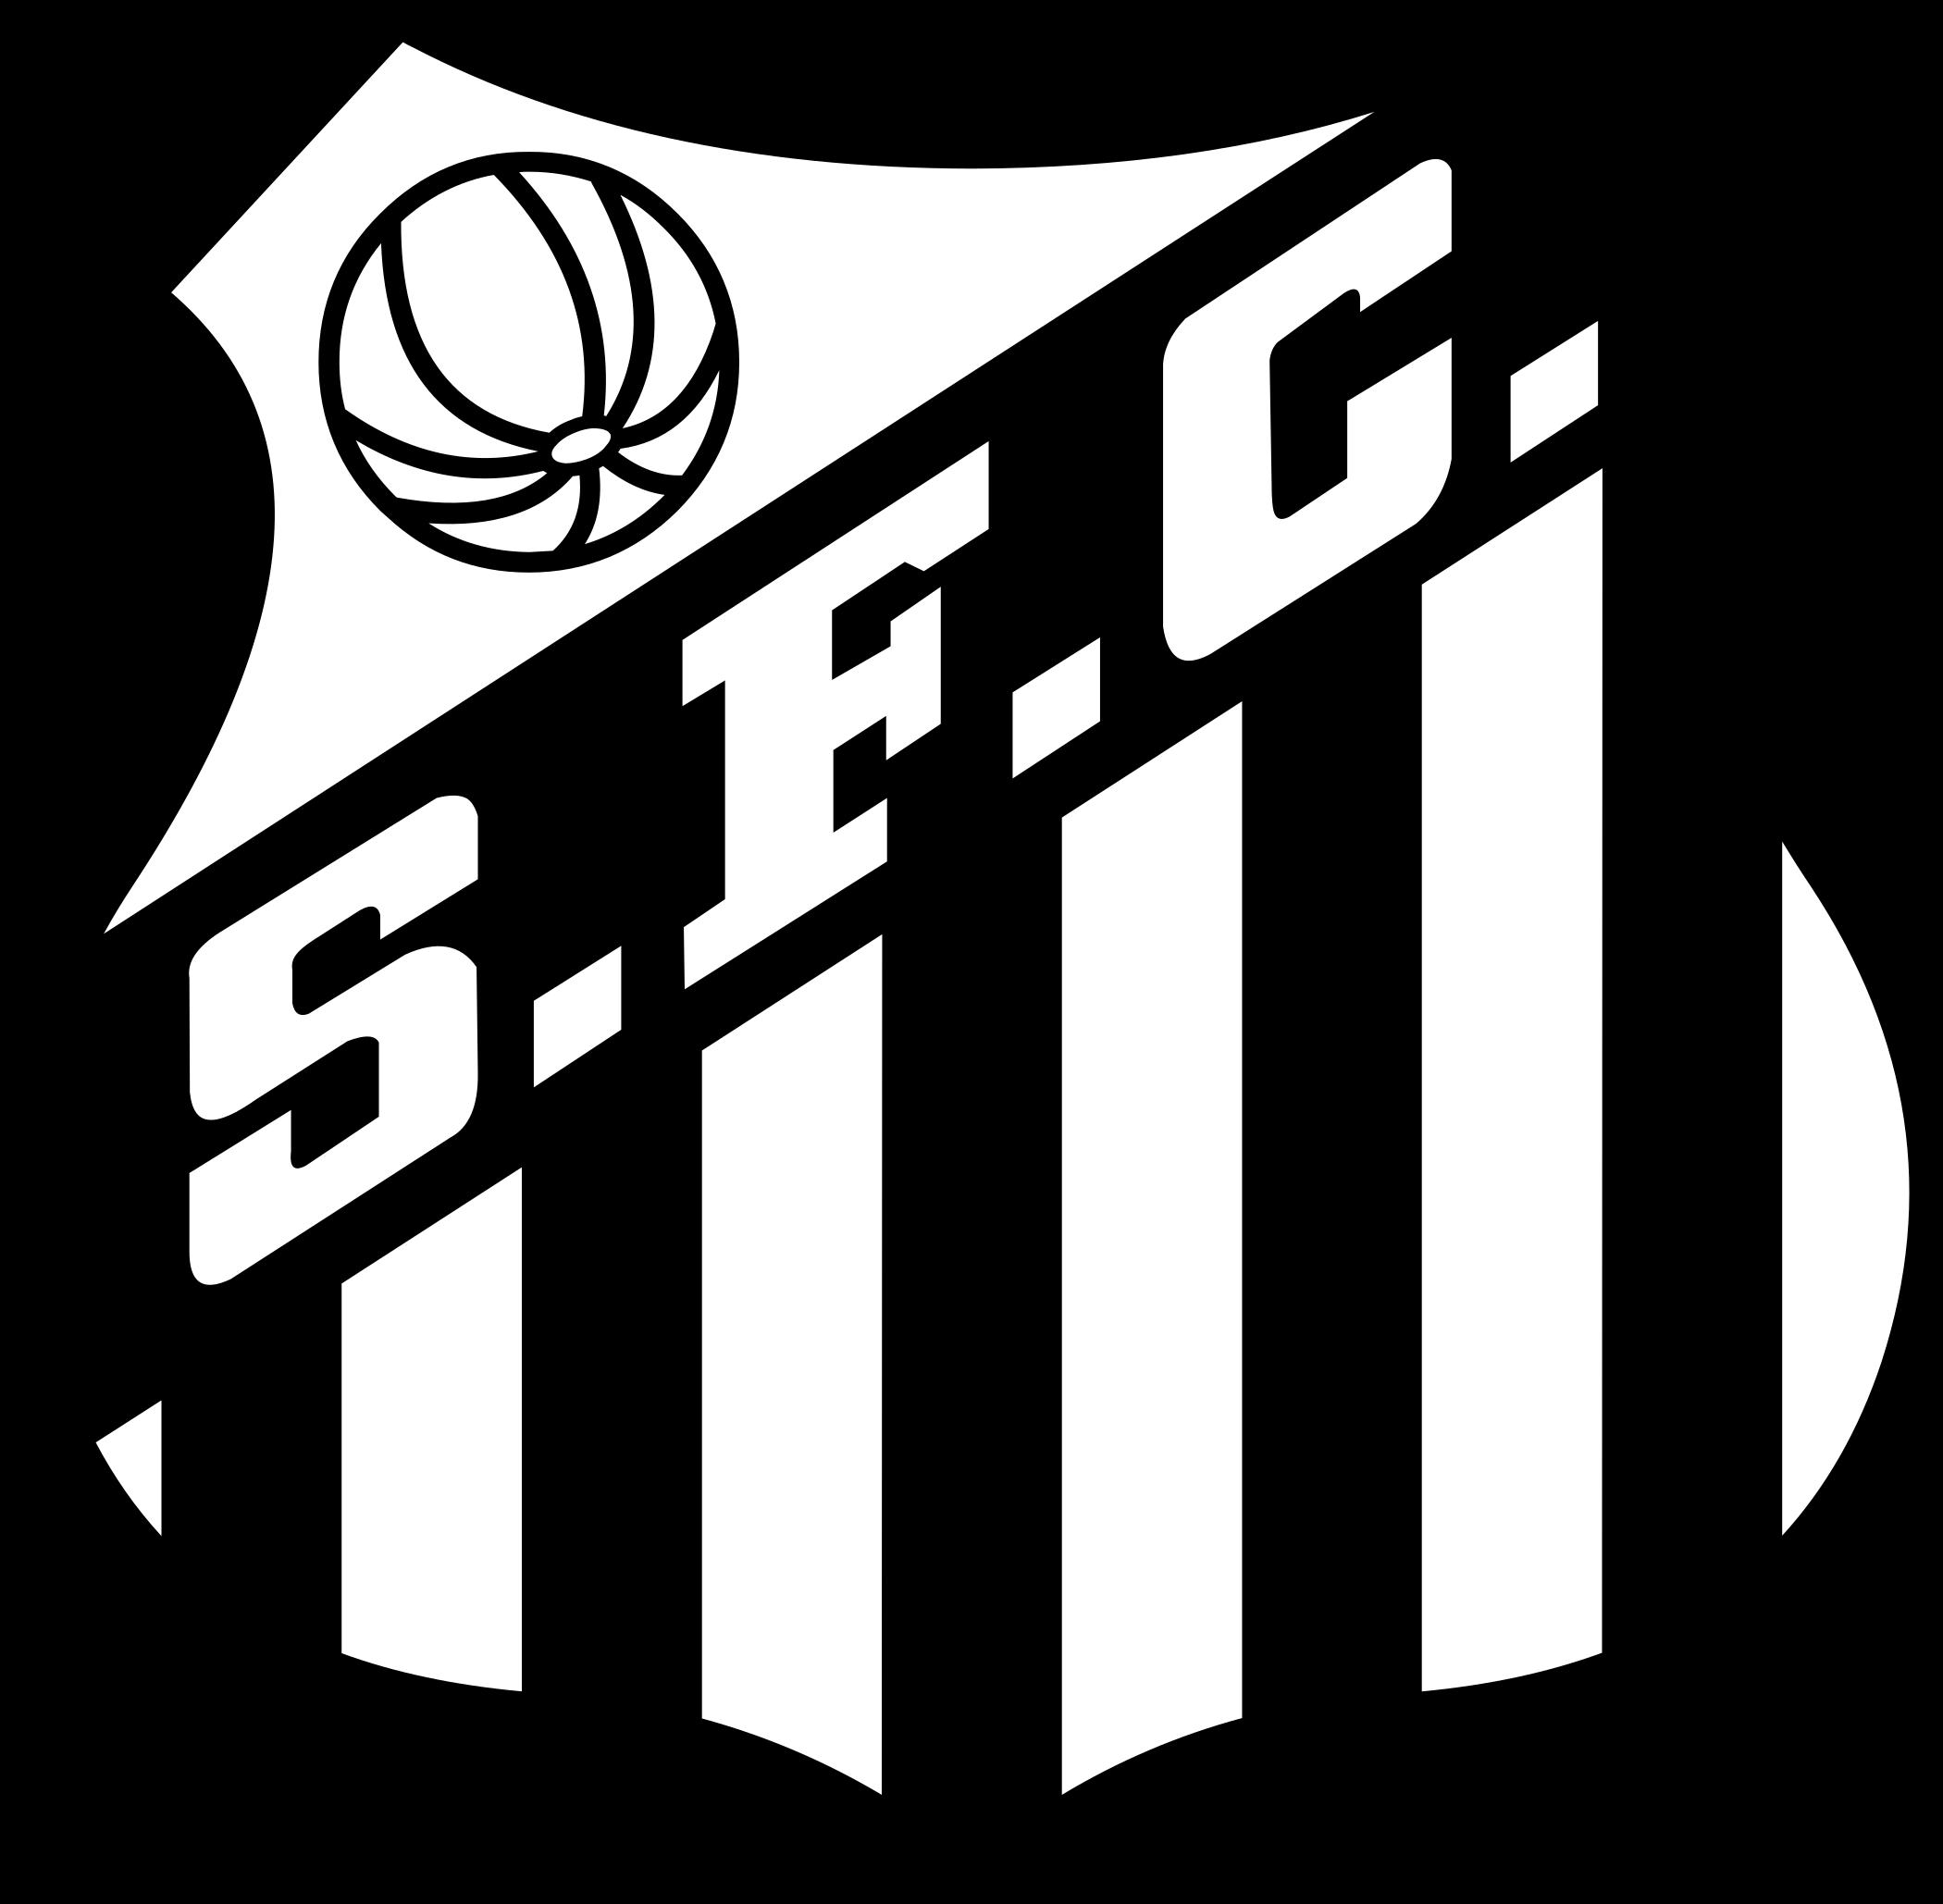 santos-logo-escudo-3